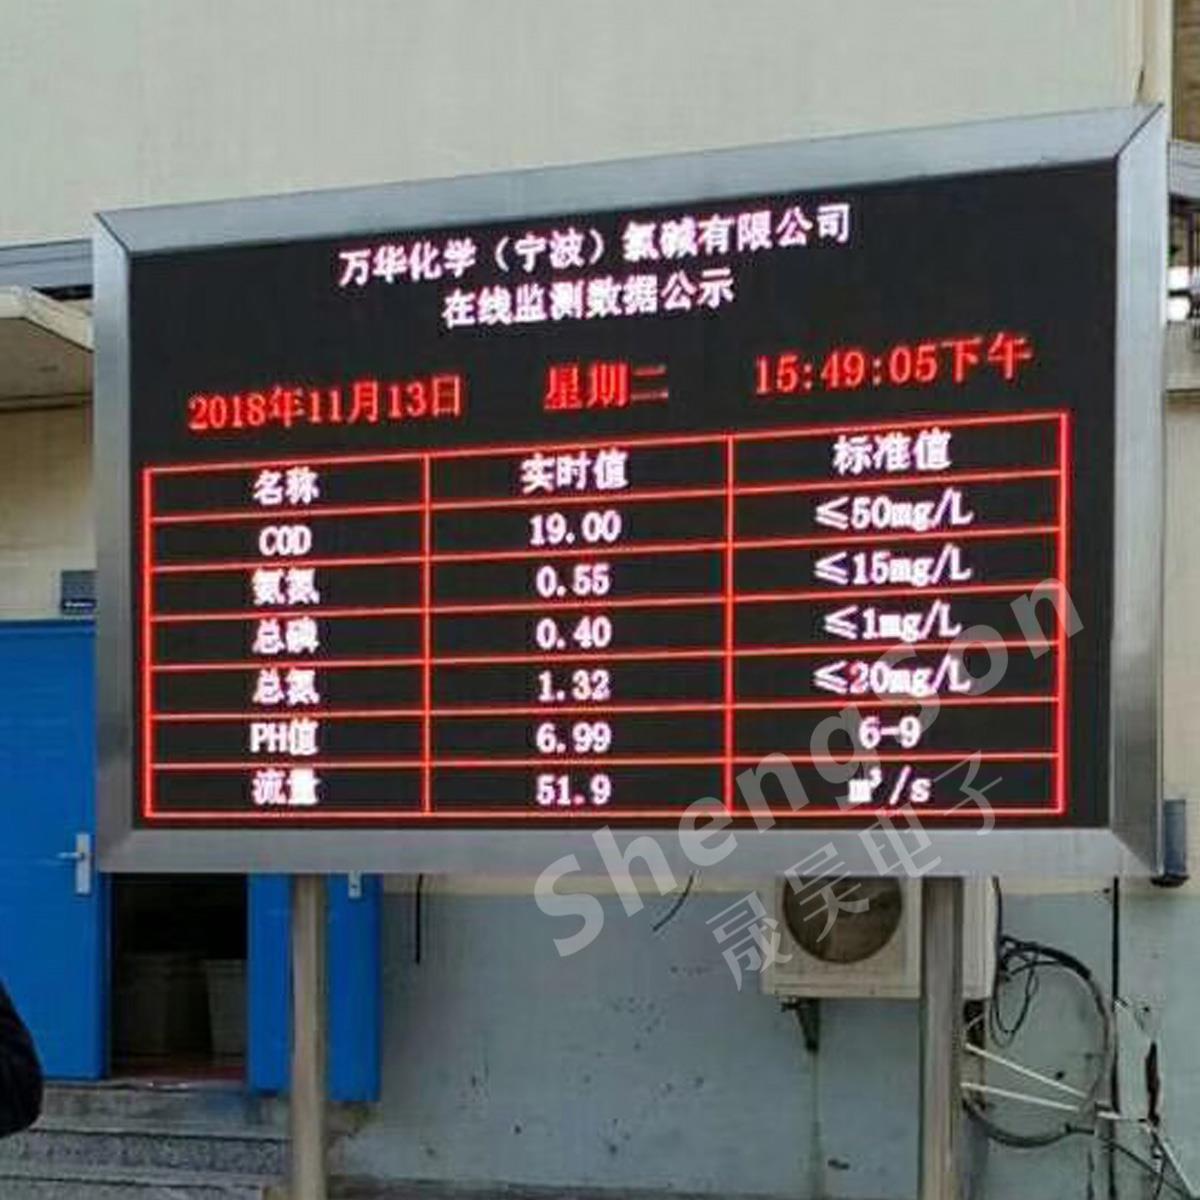 环保公示LED屏厂家-河南环保LED公示屏知名厂家